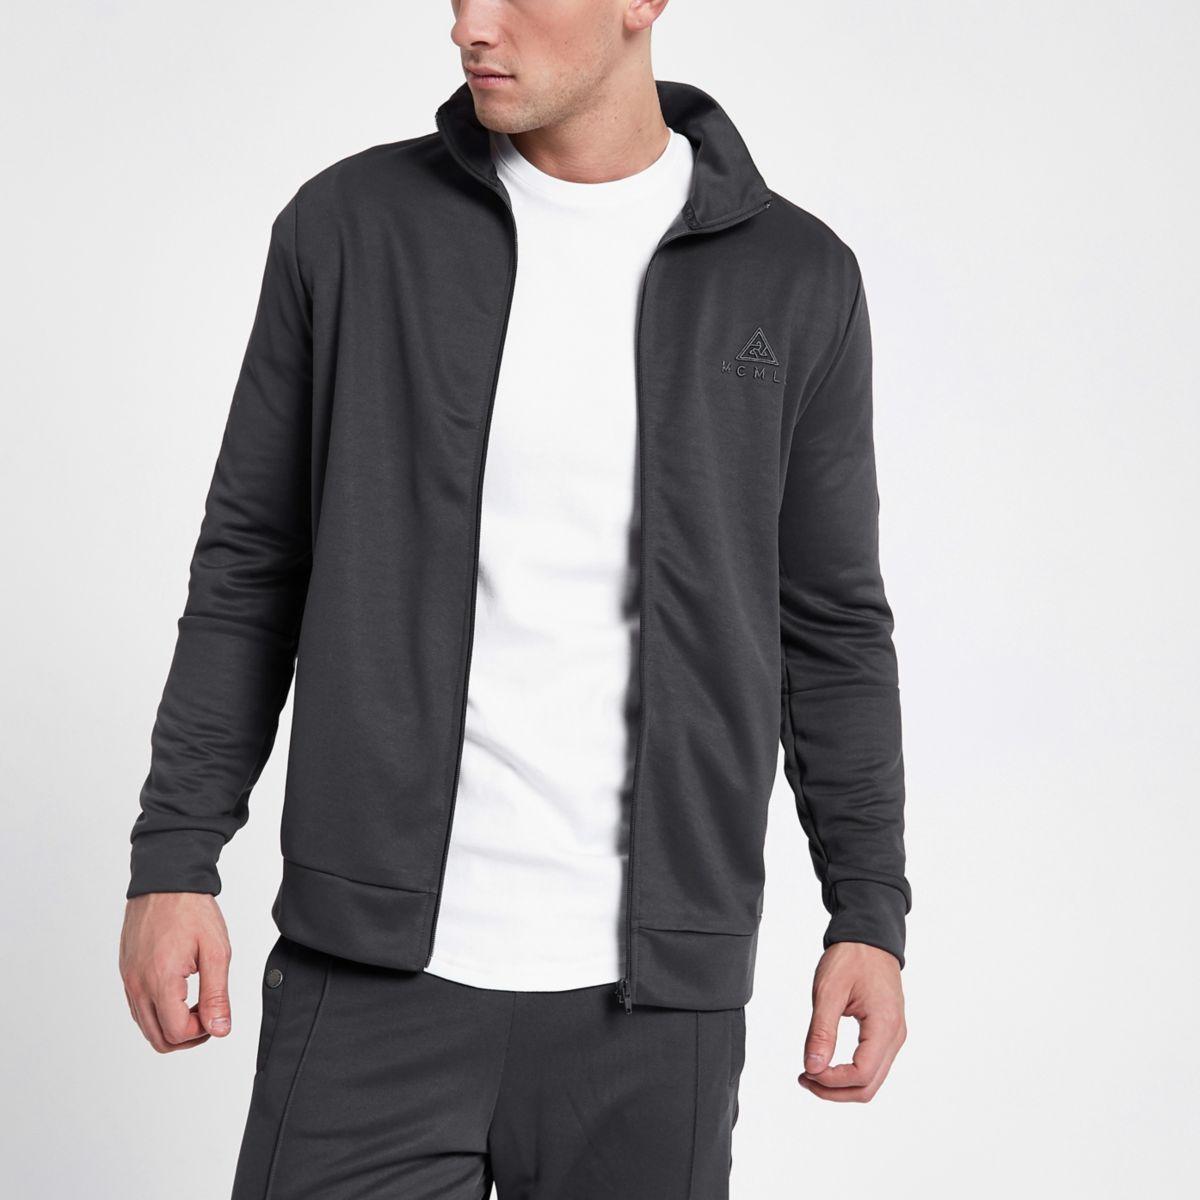 Concept grey tape side jacket